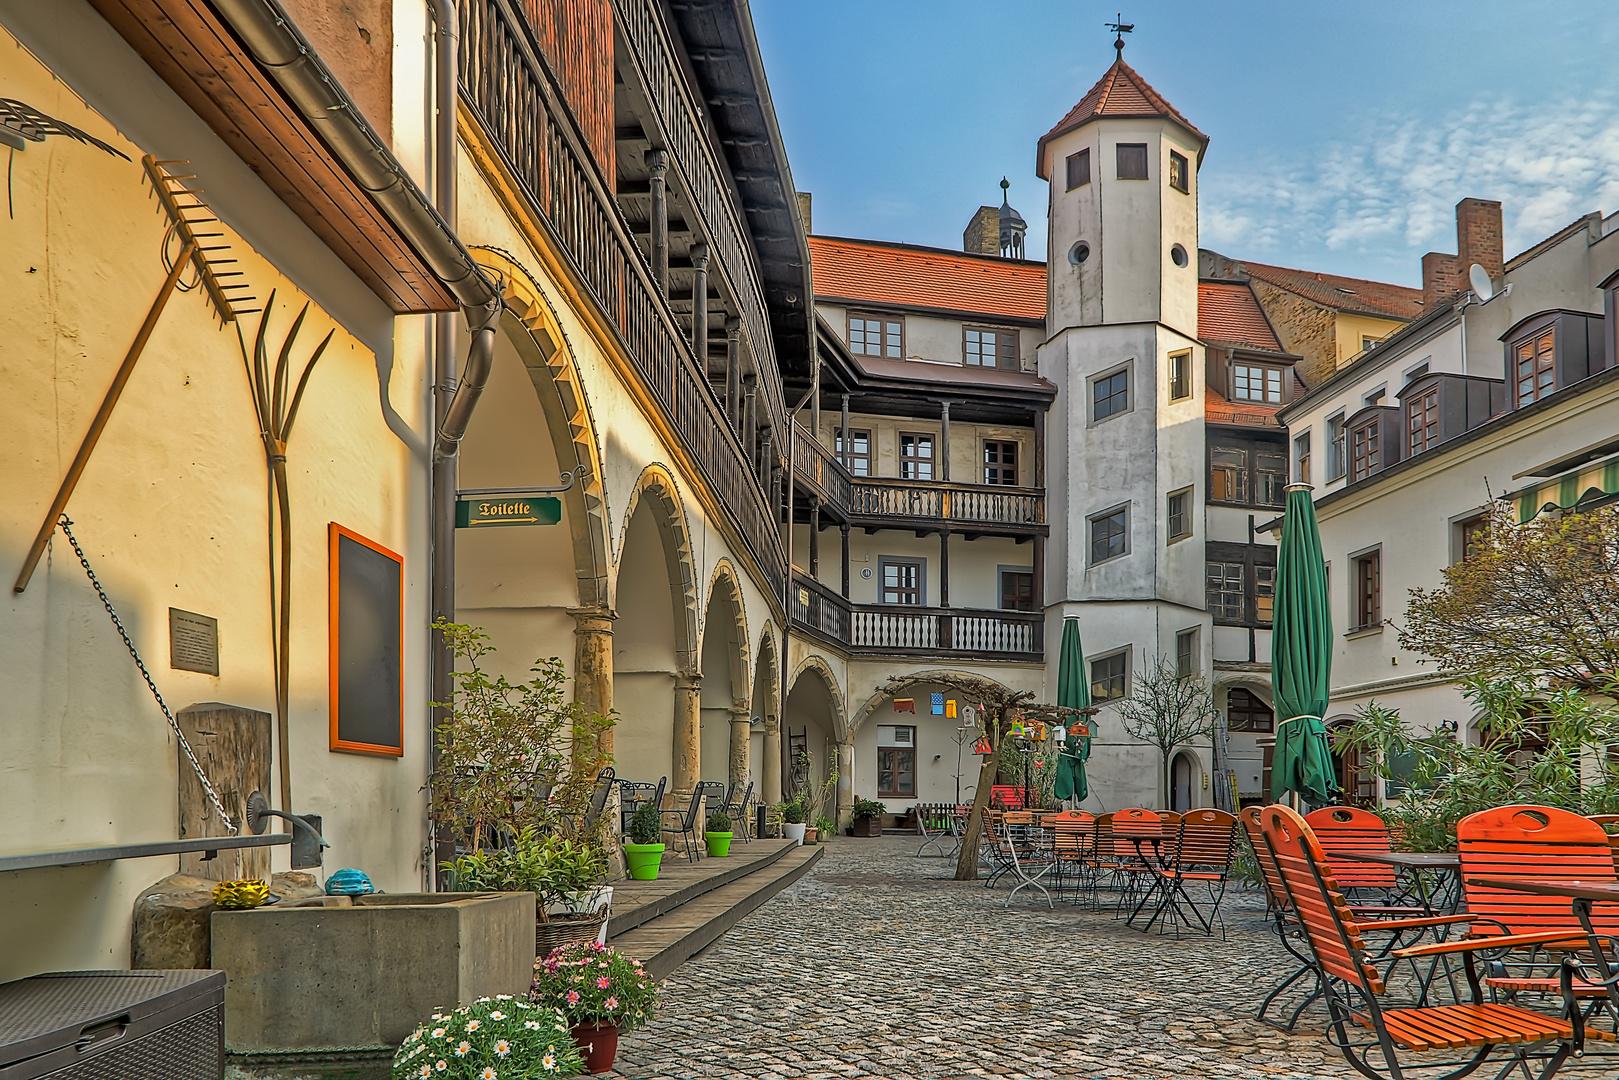 Beyerhof in Wittenberg